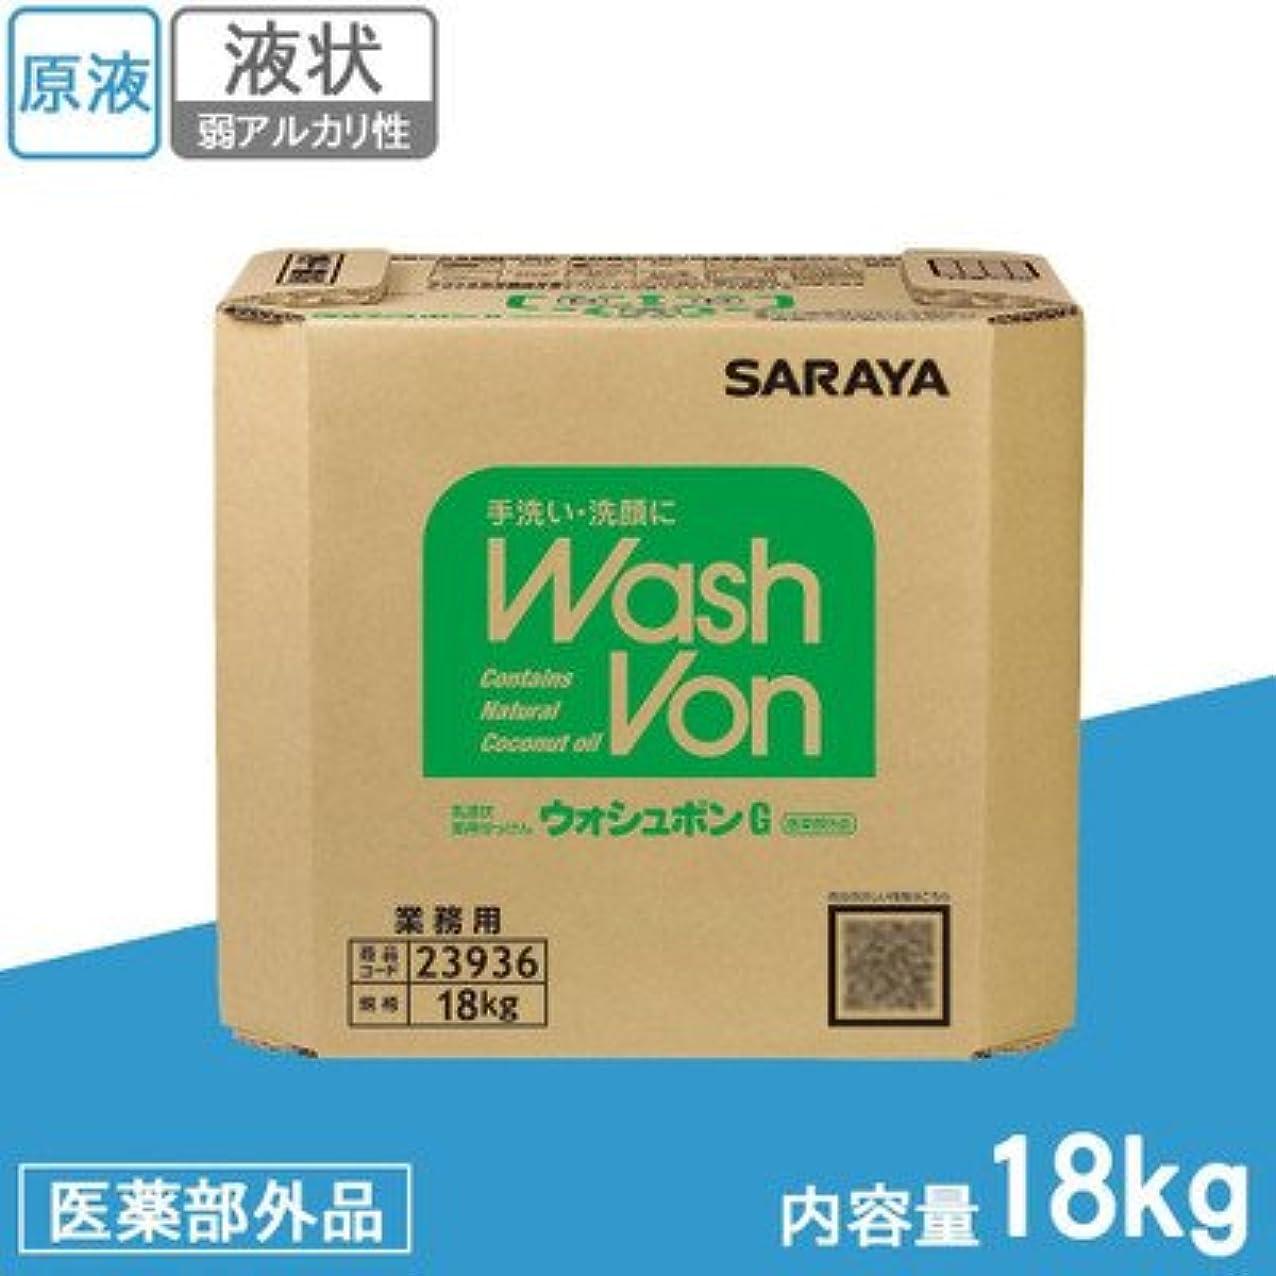 簡略化するホースレベルフローラルノートの香りのクリーミィーな白色のせっけん液 サラヤ 業務用 乳液状薬用せっけん ウォシュボンG 18kg BIB 23936 医薬部外品